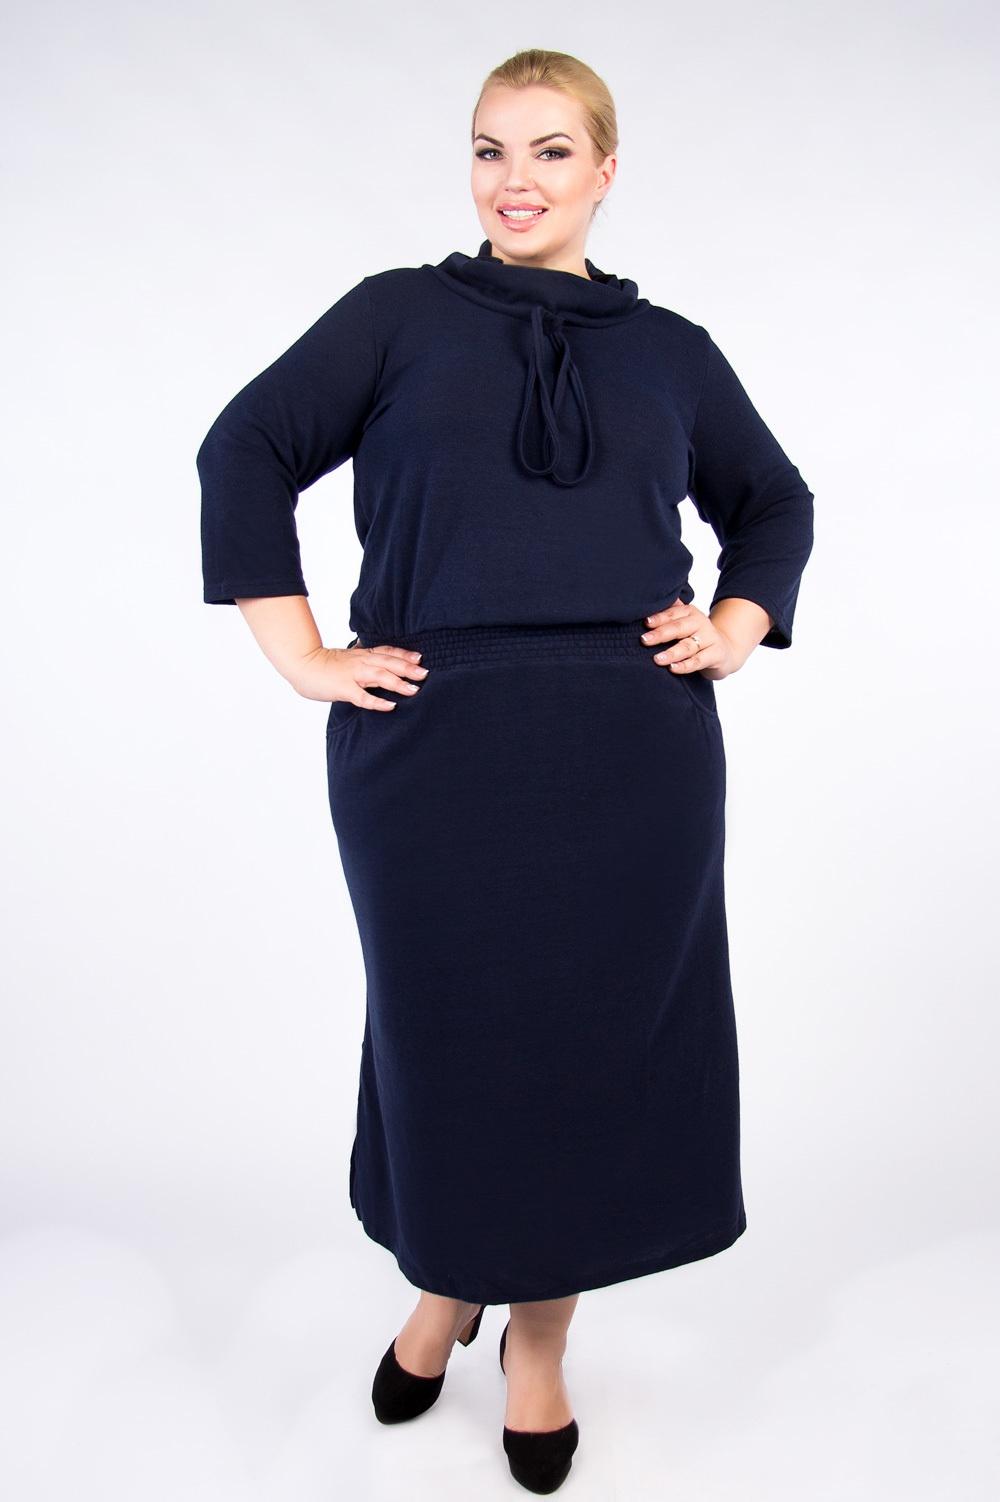 Платье Артесса кардиган большого размера с шалевым воротником на пуговицах